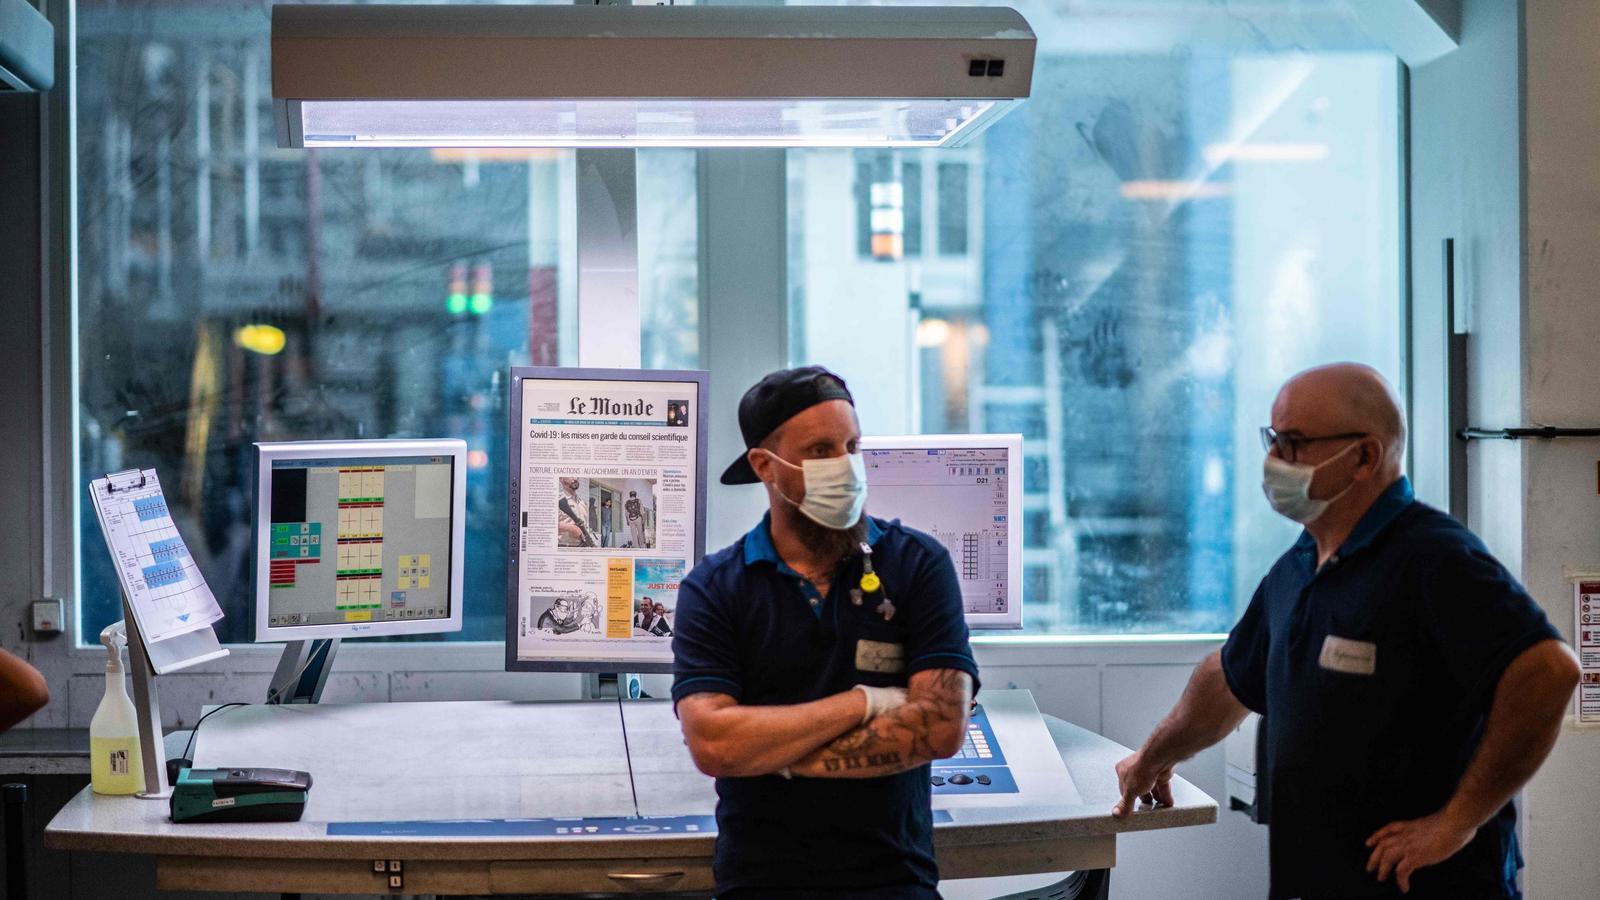 Dos treballadors amb mascareta en la impremta de París on s'imprimeix el diari francès Le Monde